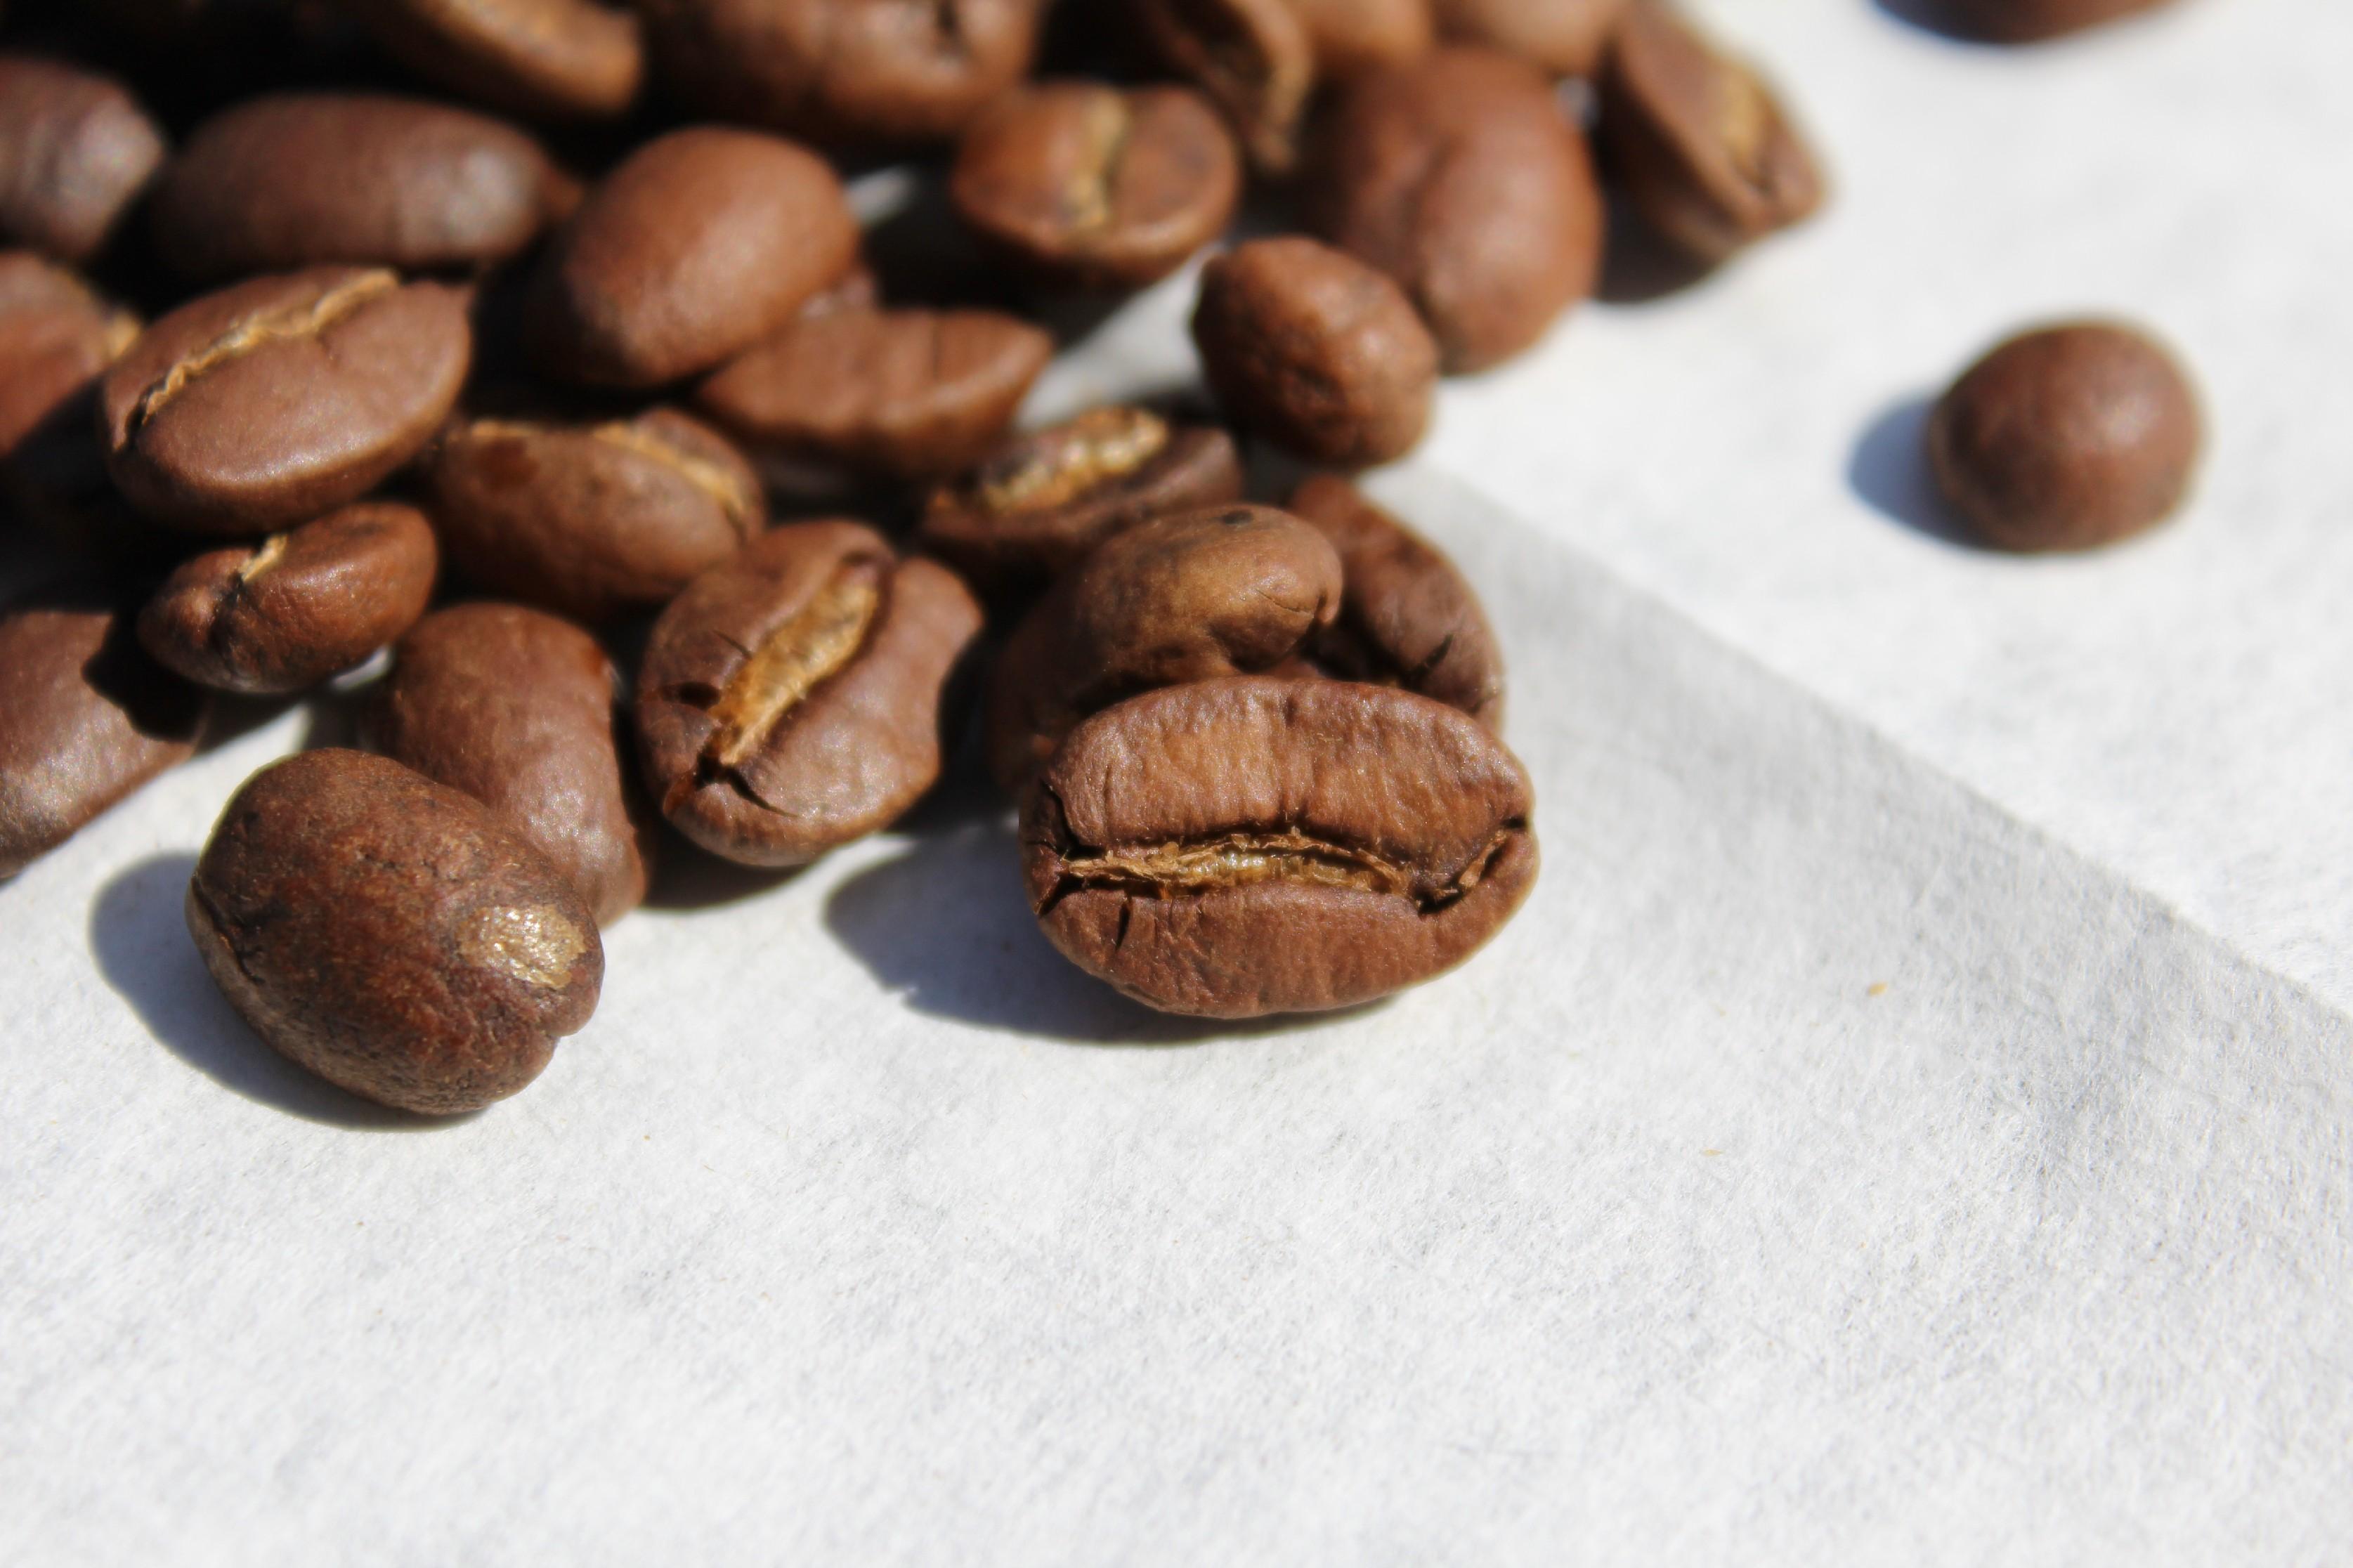 BotaCoffee Honduras SHG EP La Campa Single Estate (1kg) Mletí kávy: Zrnková